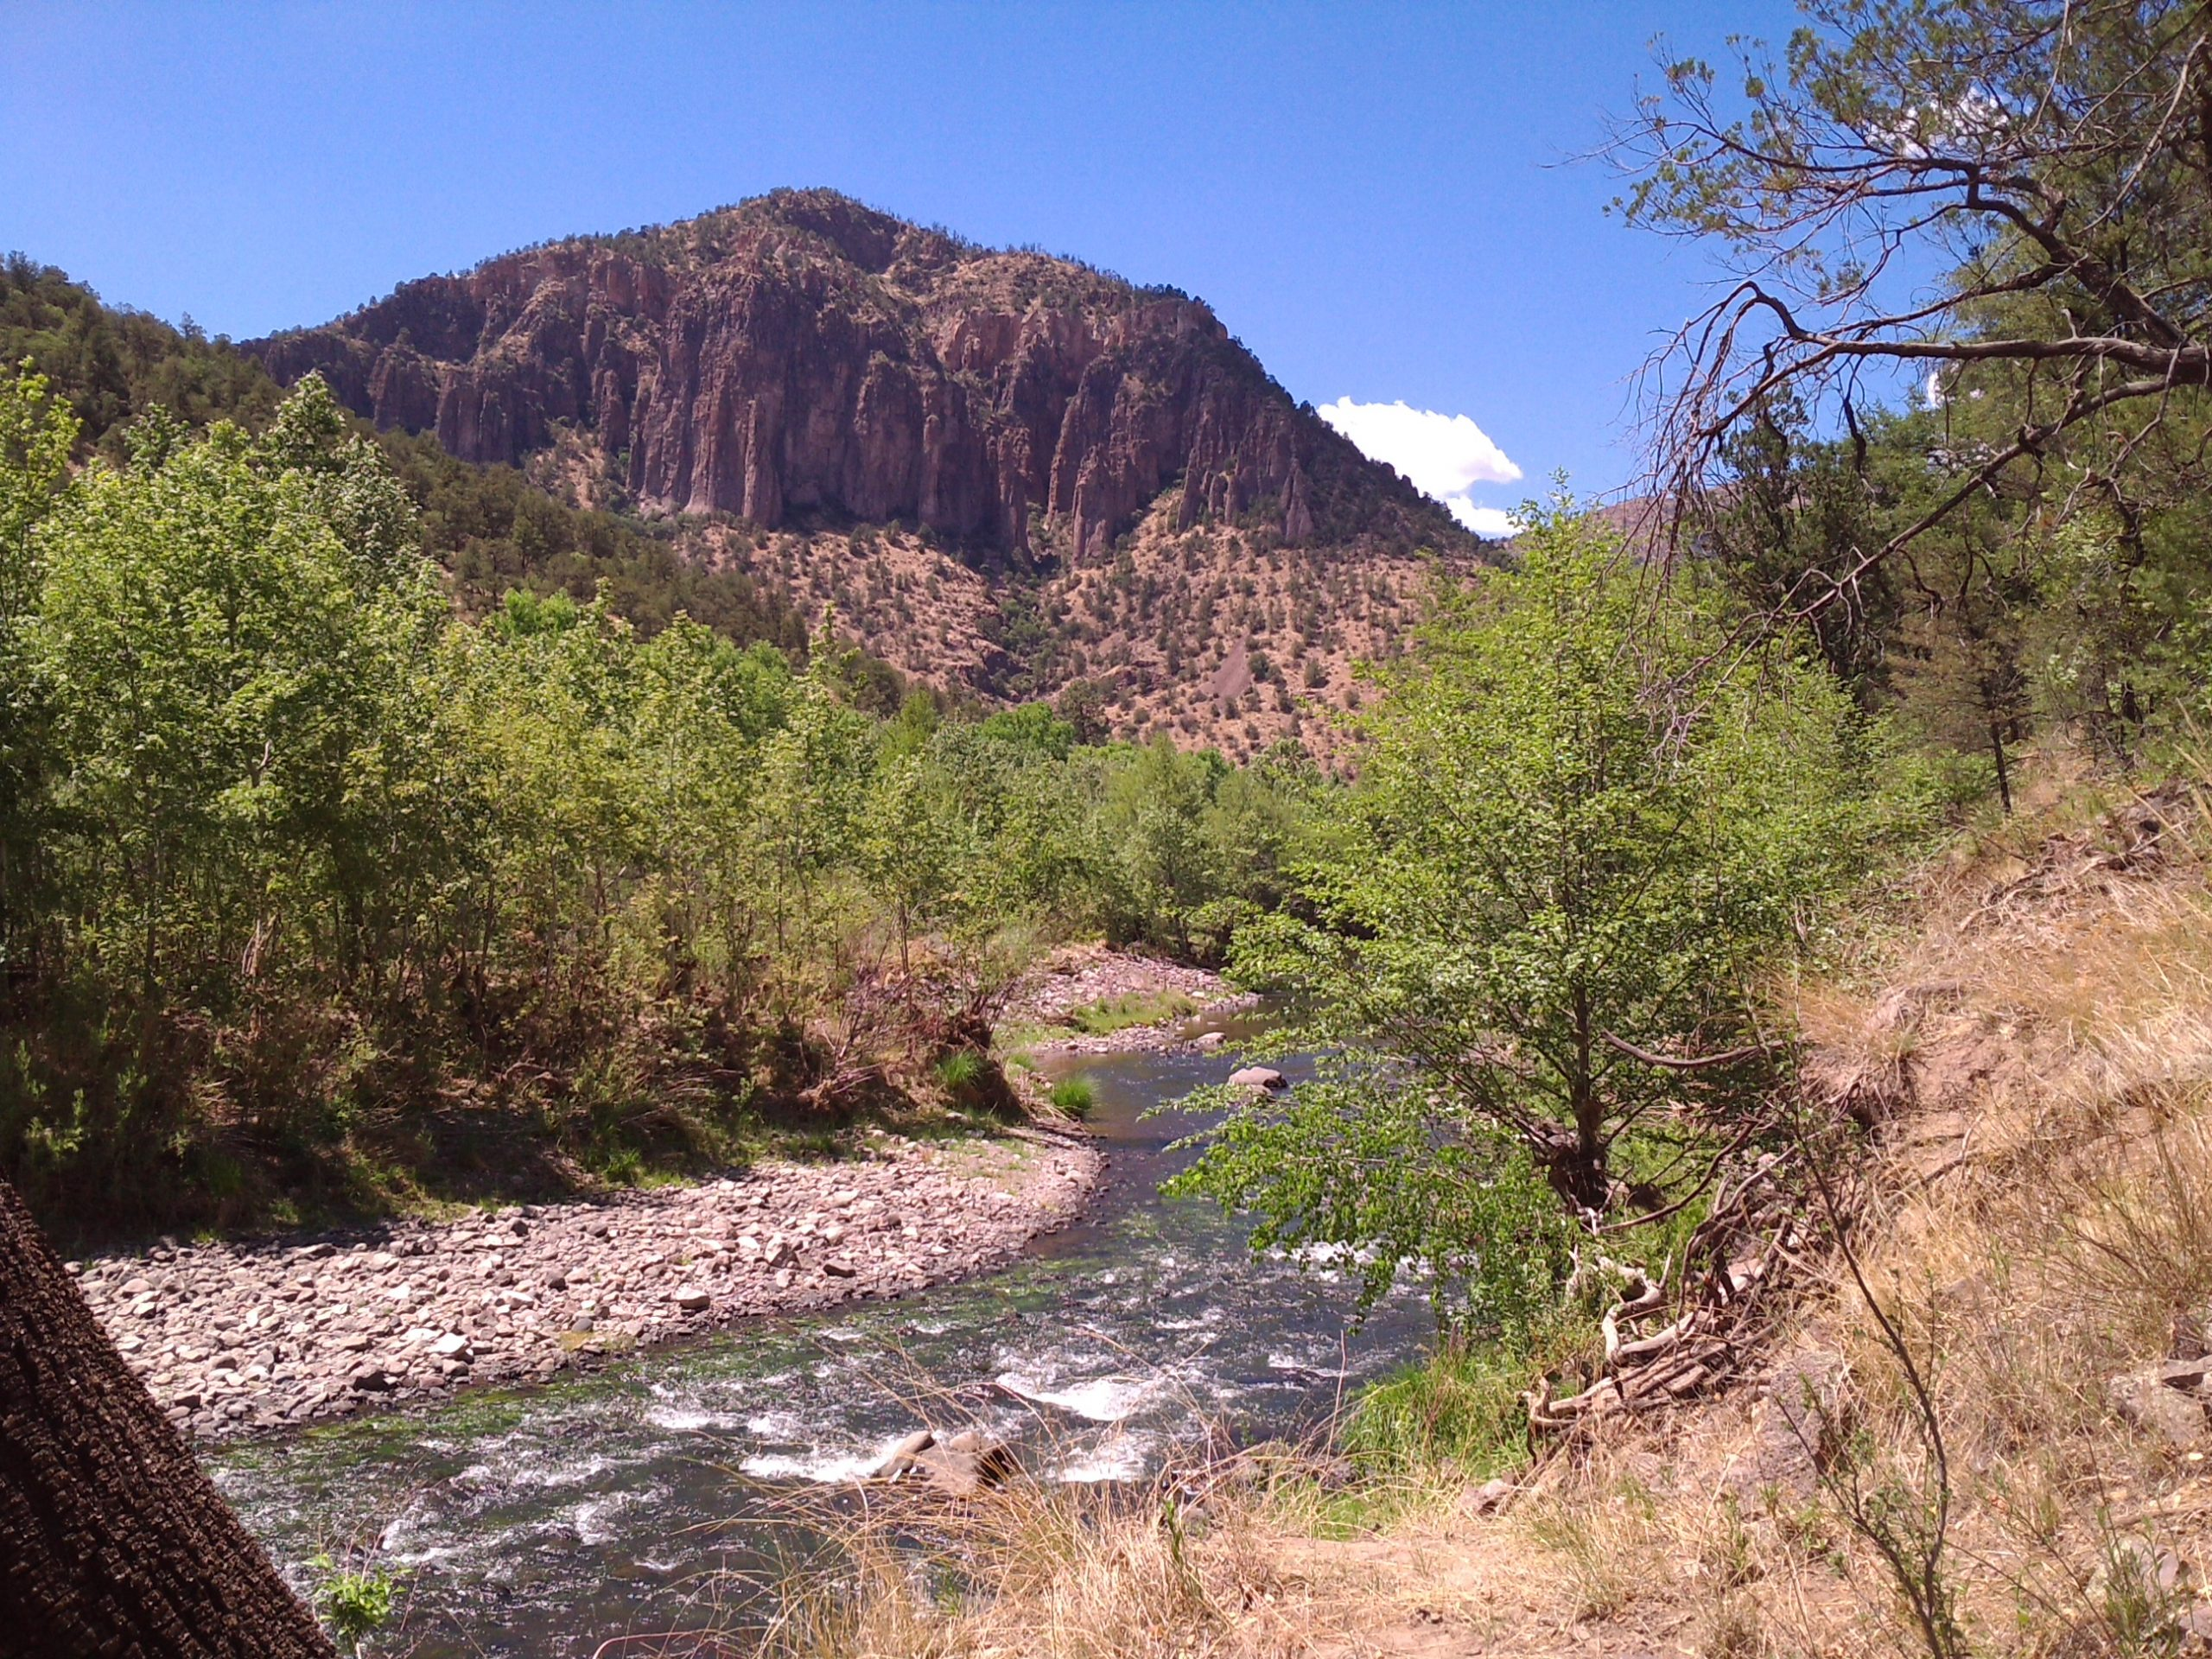 New Mexico senators unveil legislation to designate Gila River as 'wild and scenic'